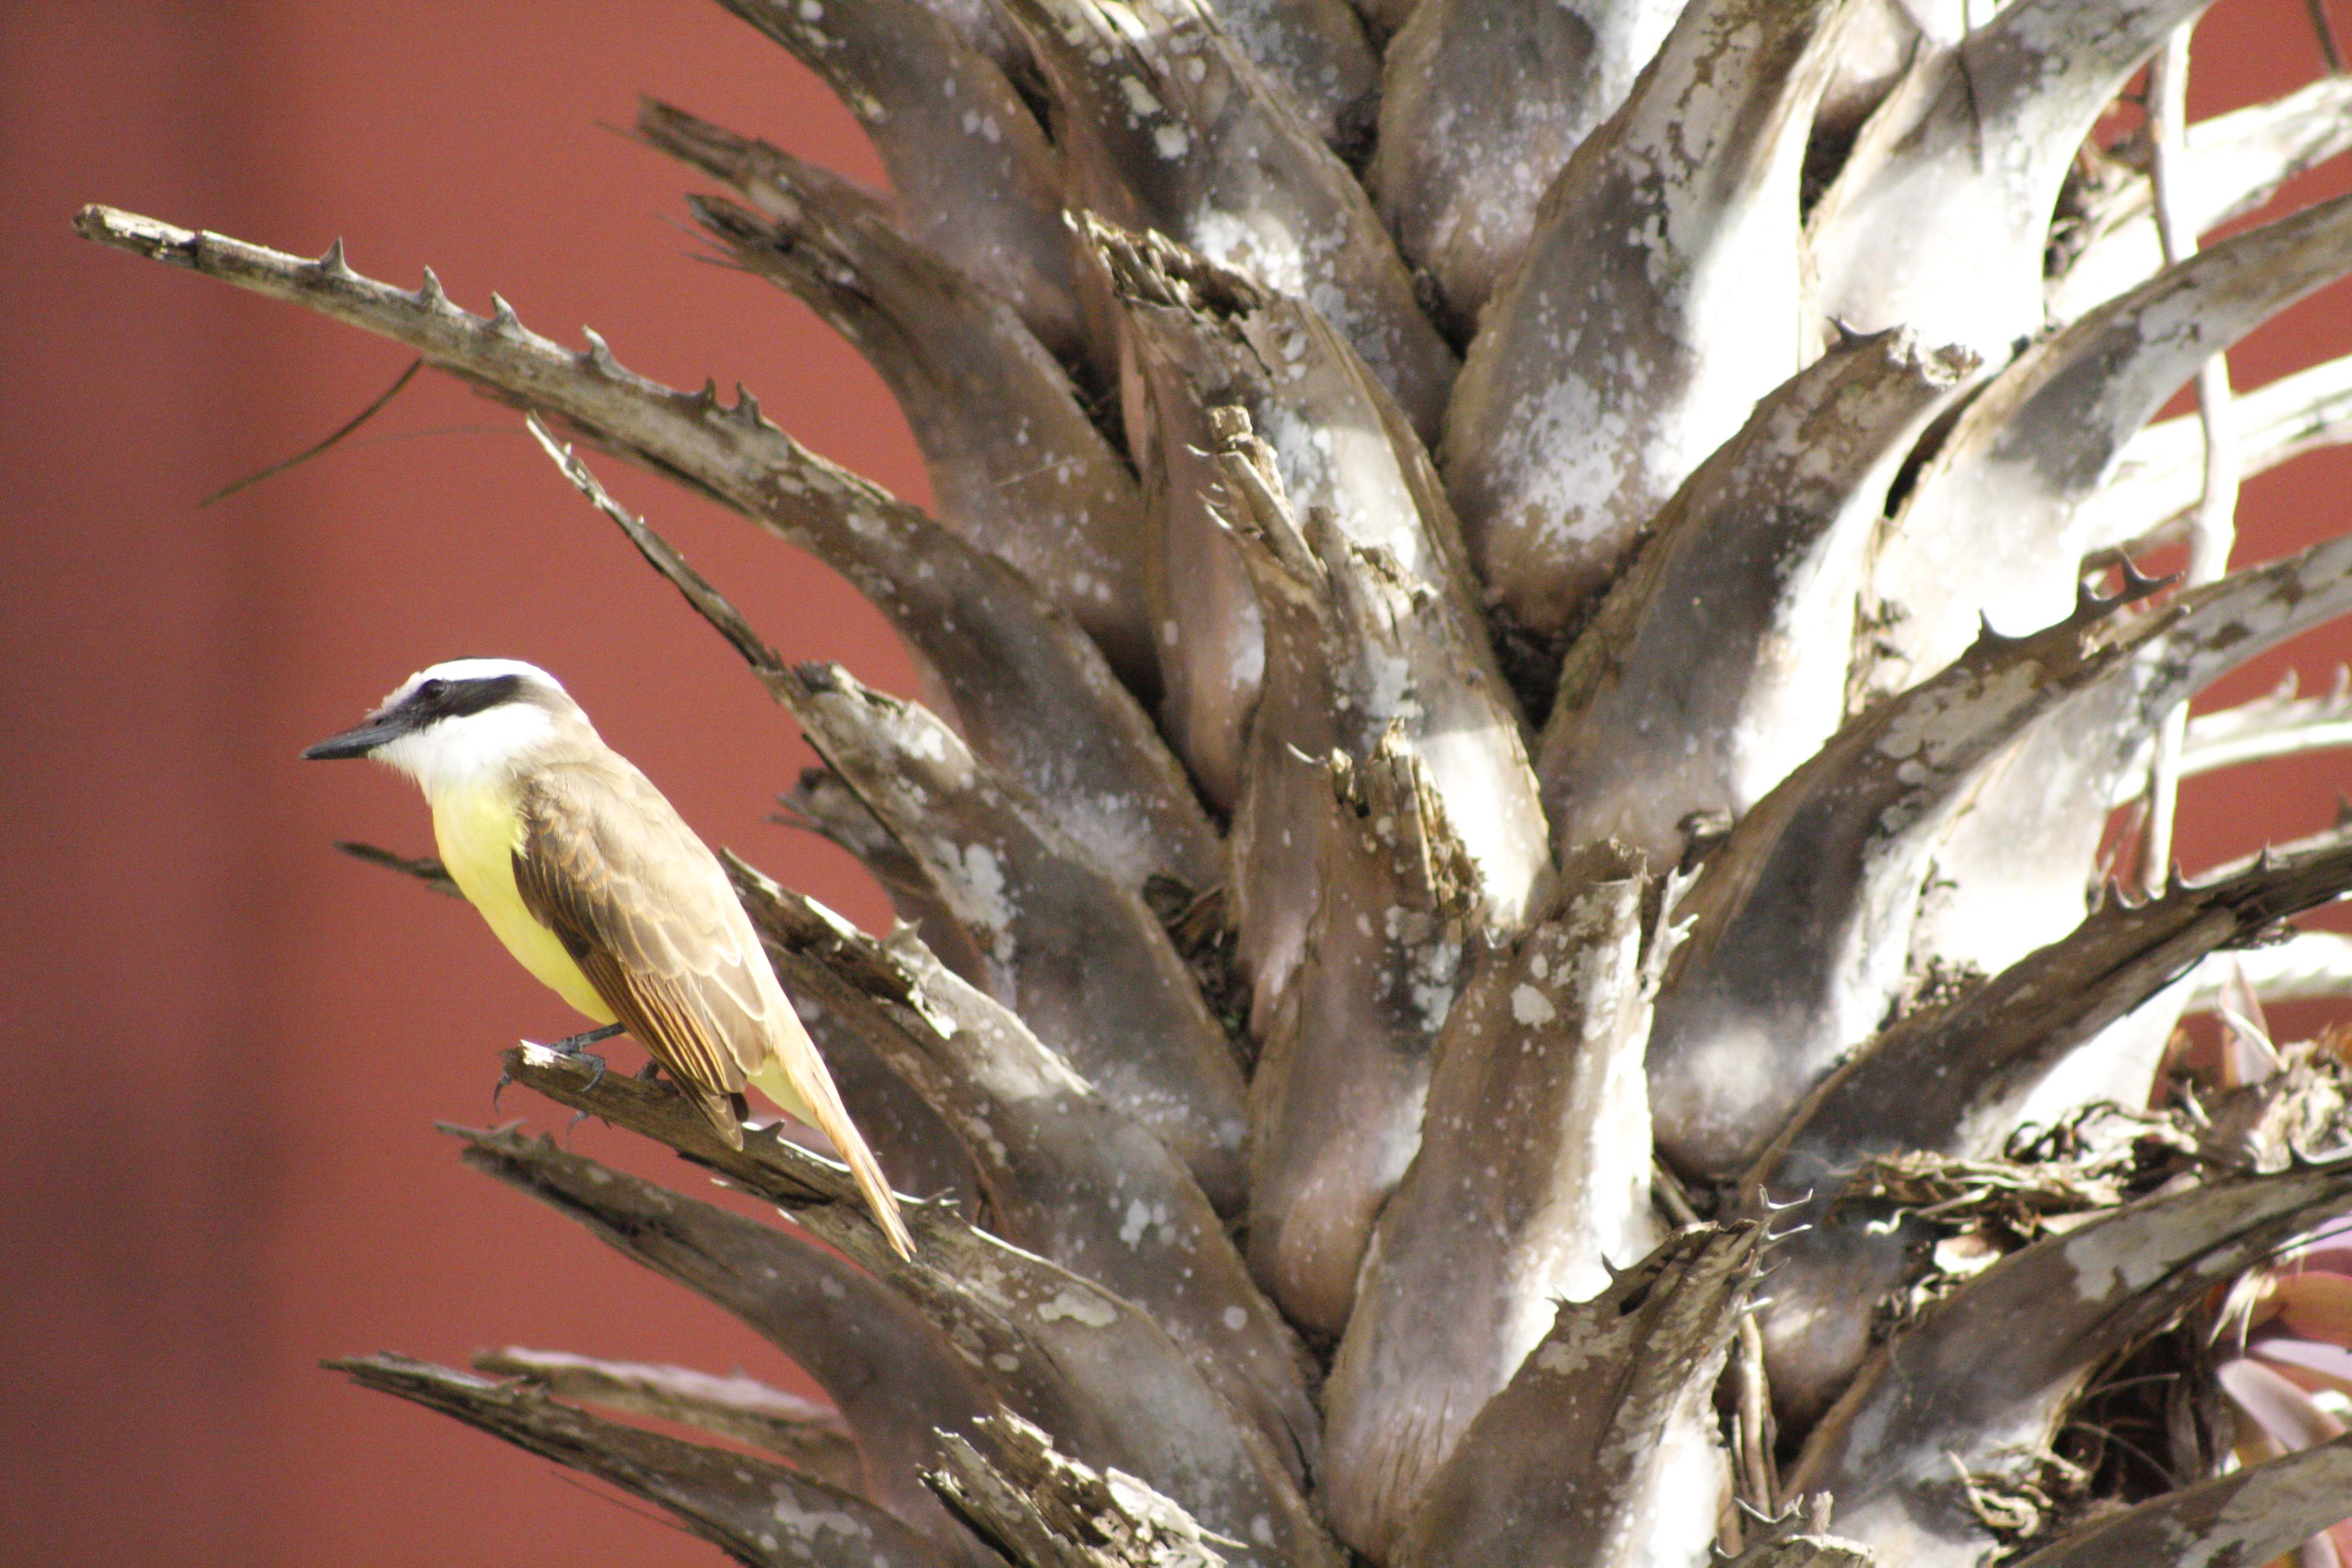 Μεγάλο λευκό πουλί κοντινό